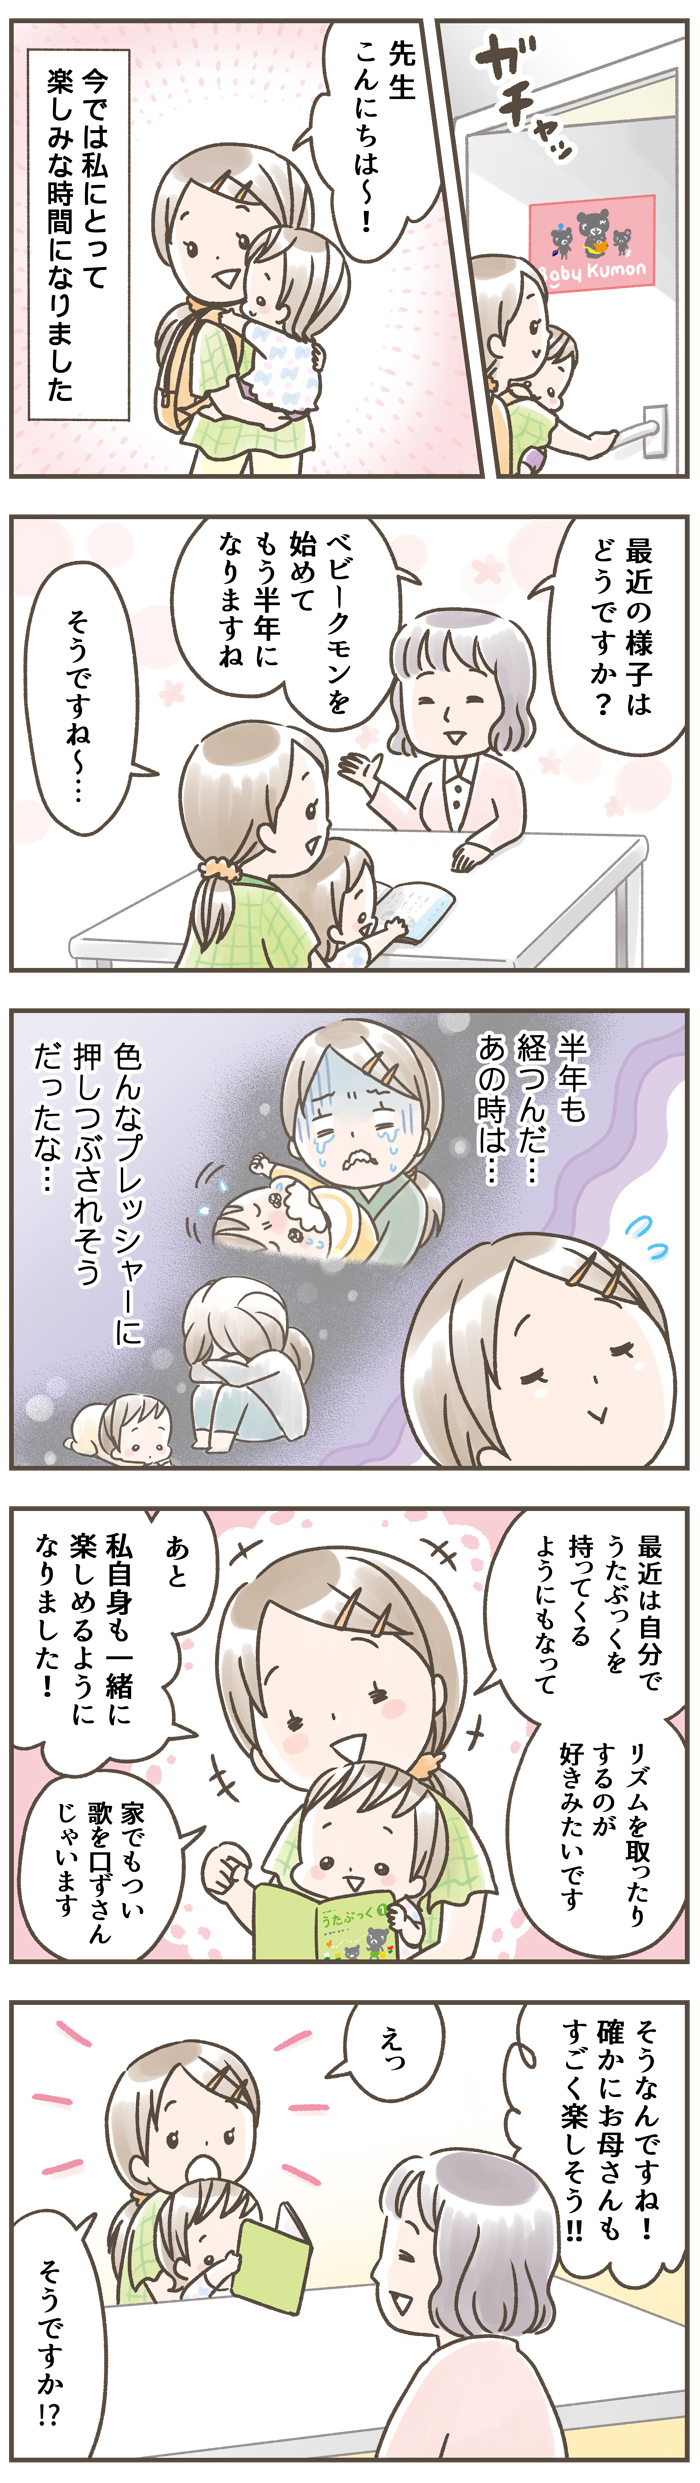 完璧なママじゃなくていい。私が子どもと一緒に楽しめるようになった理由の画像3